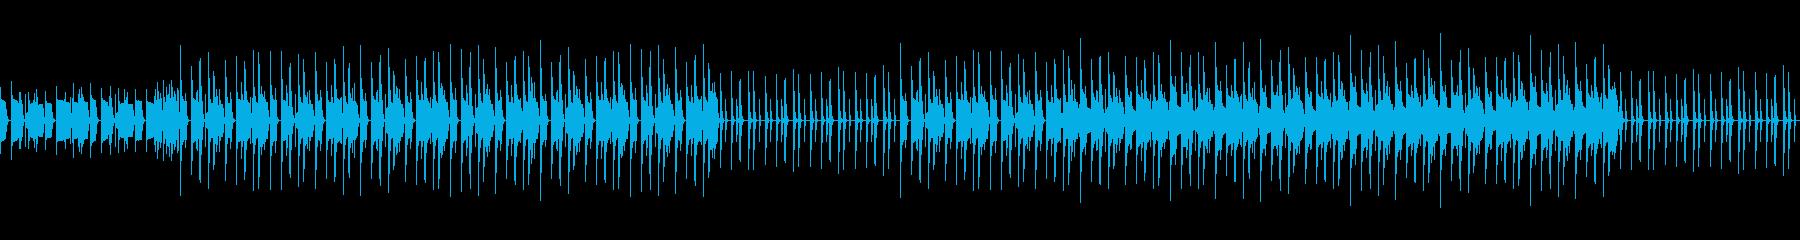 ベースがメインのシックな曲の再生済みの波形